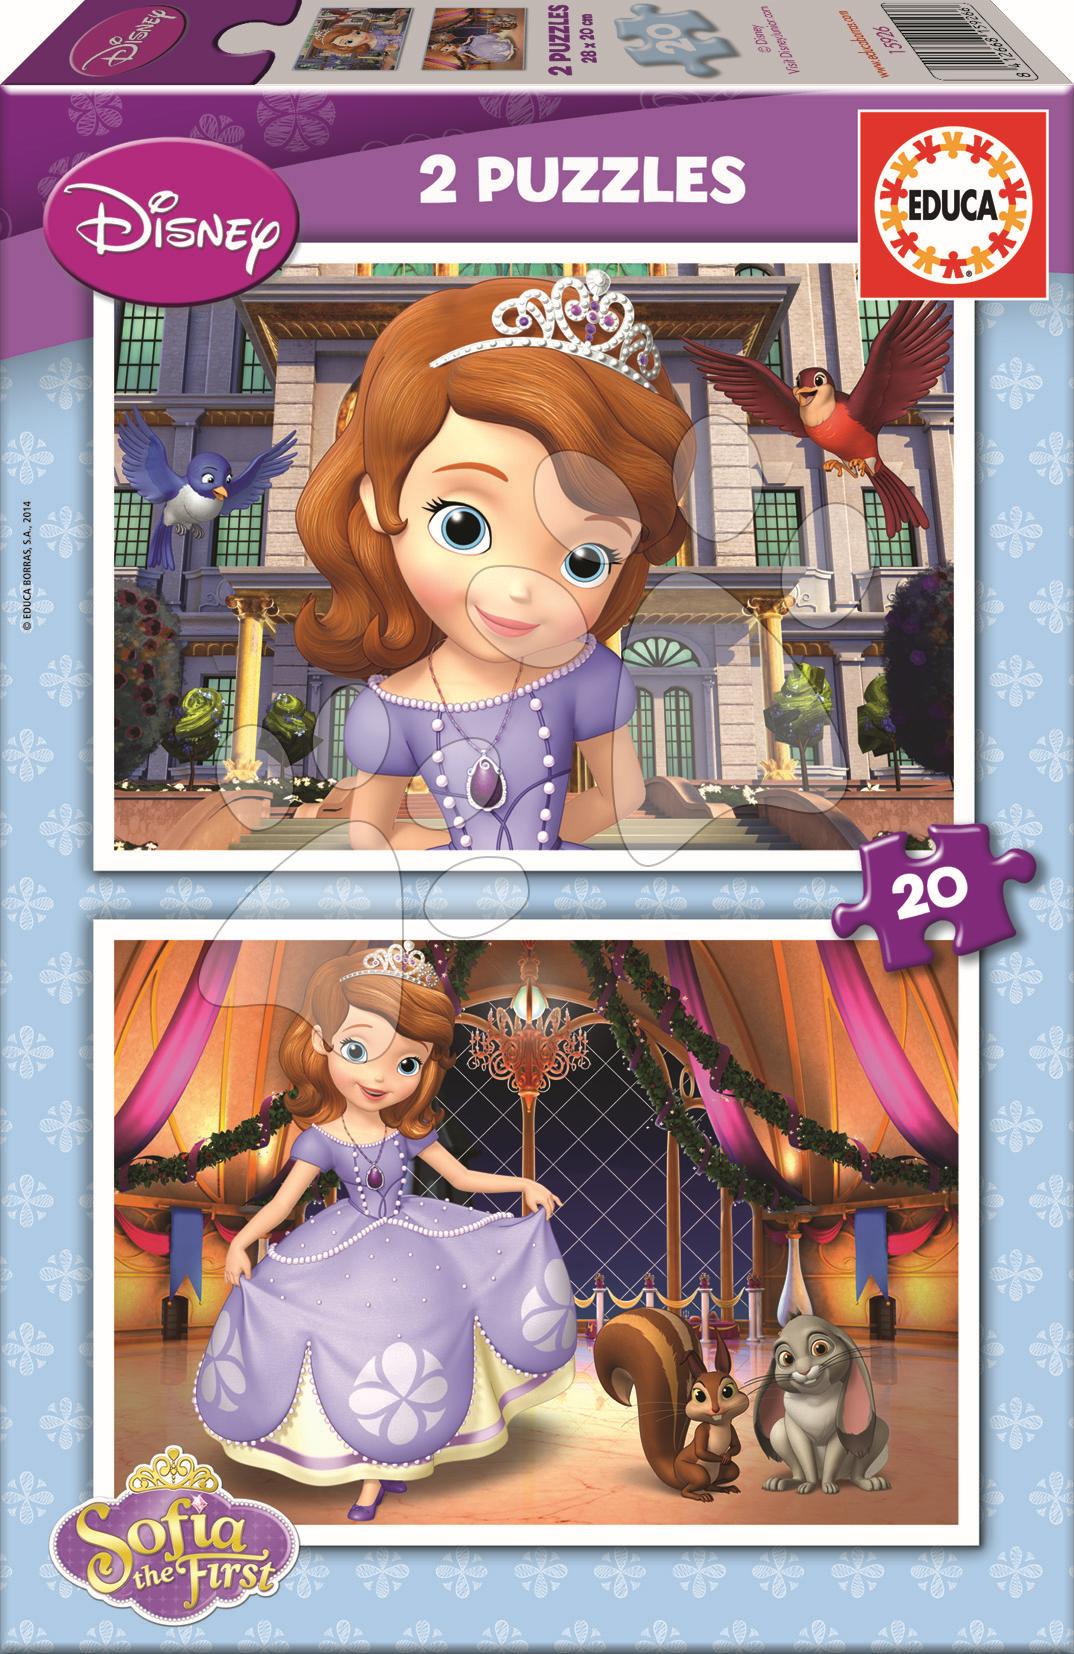 Detské puzzle do 100 dielov - Puzzle Disney Sofia Prvá Educa 2x 20 dielov